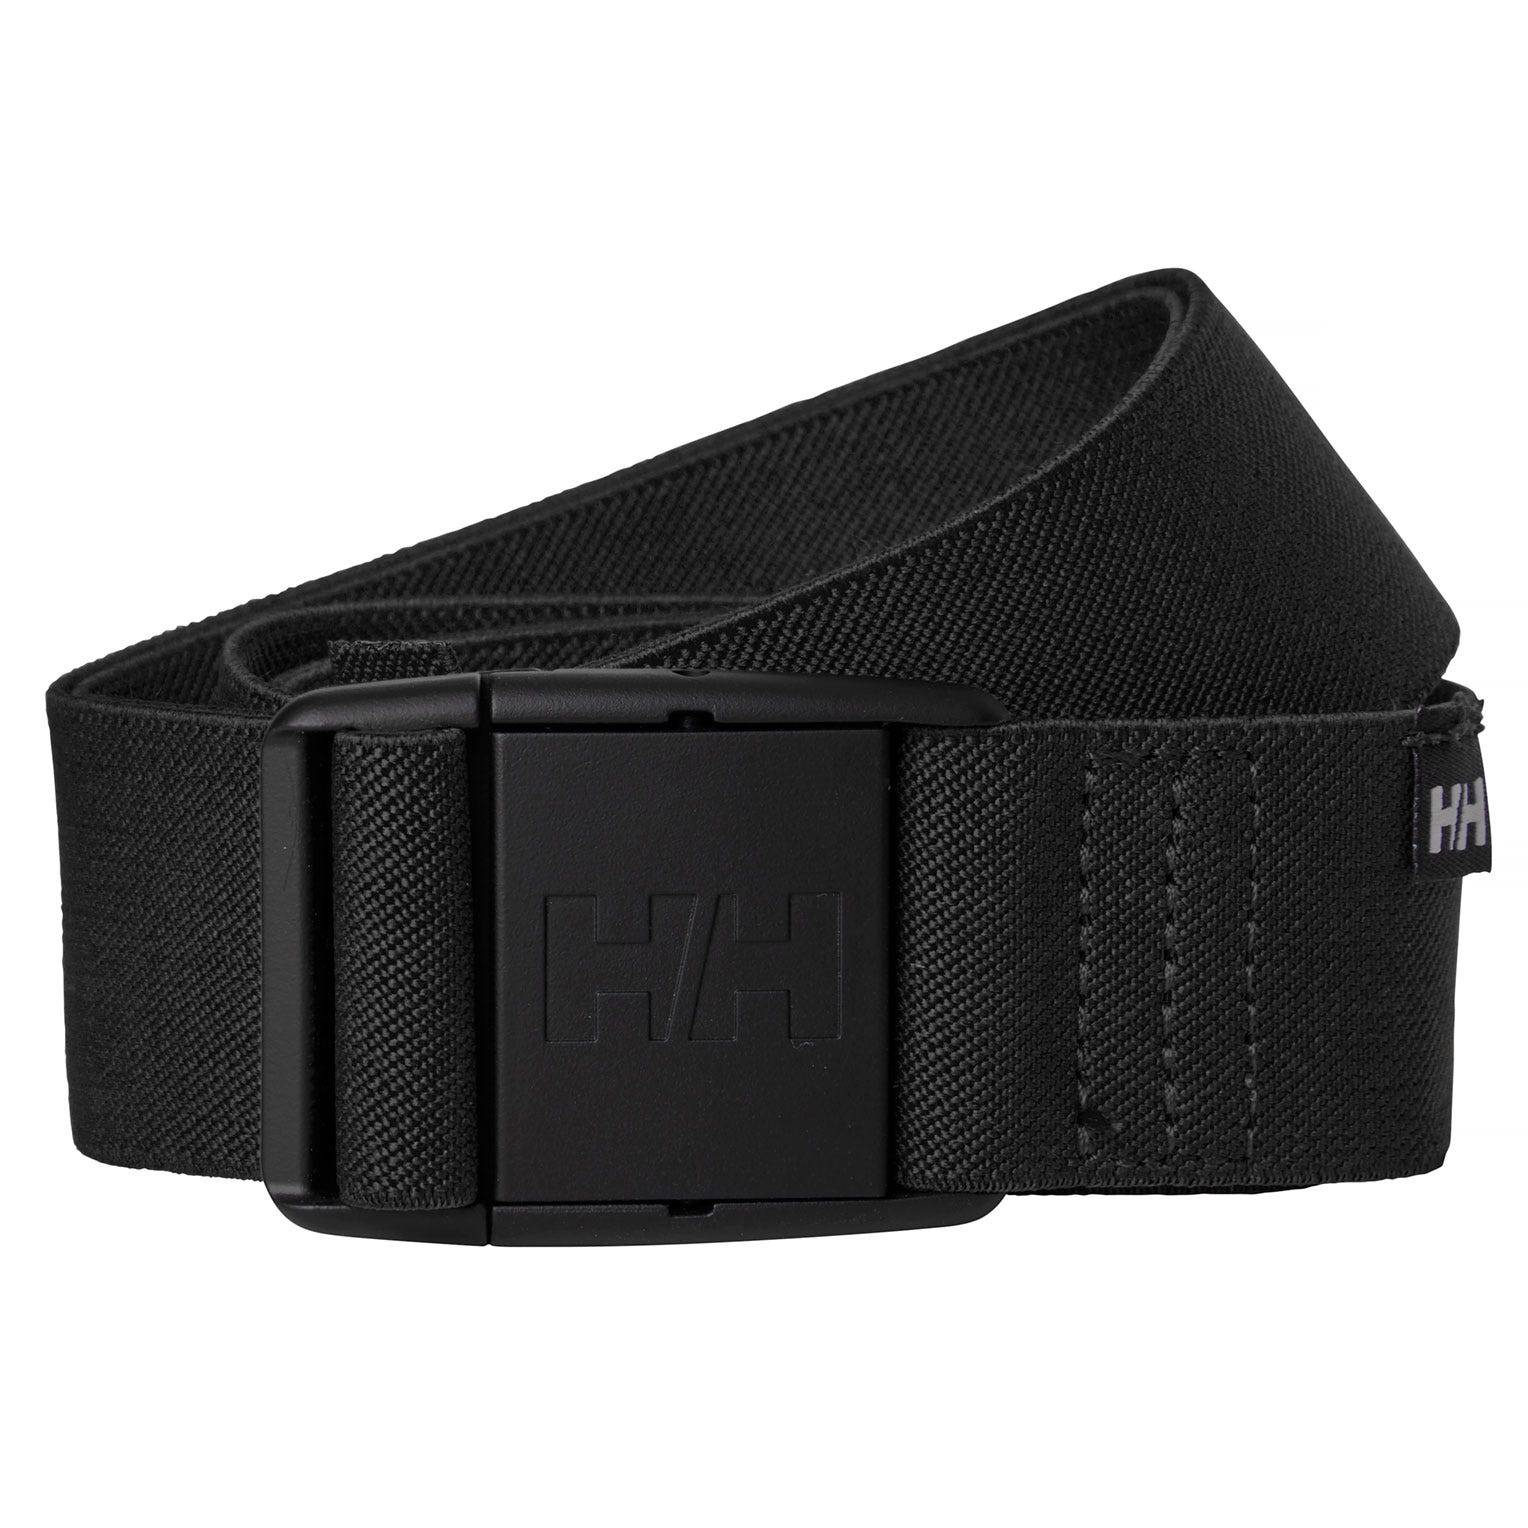 Helly Hansen Adventure Belt Black 120